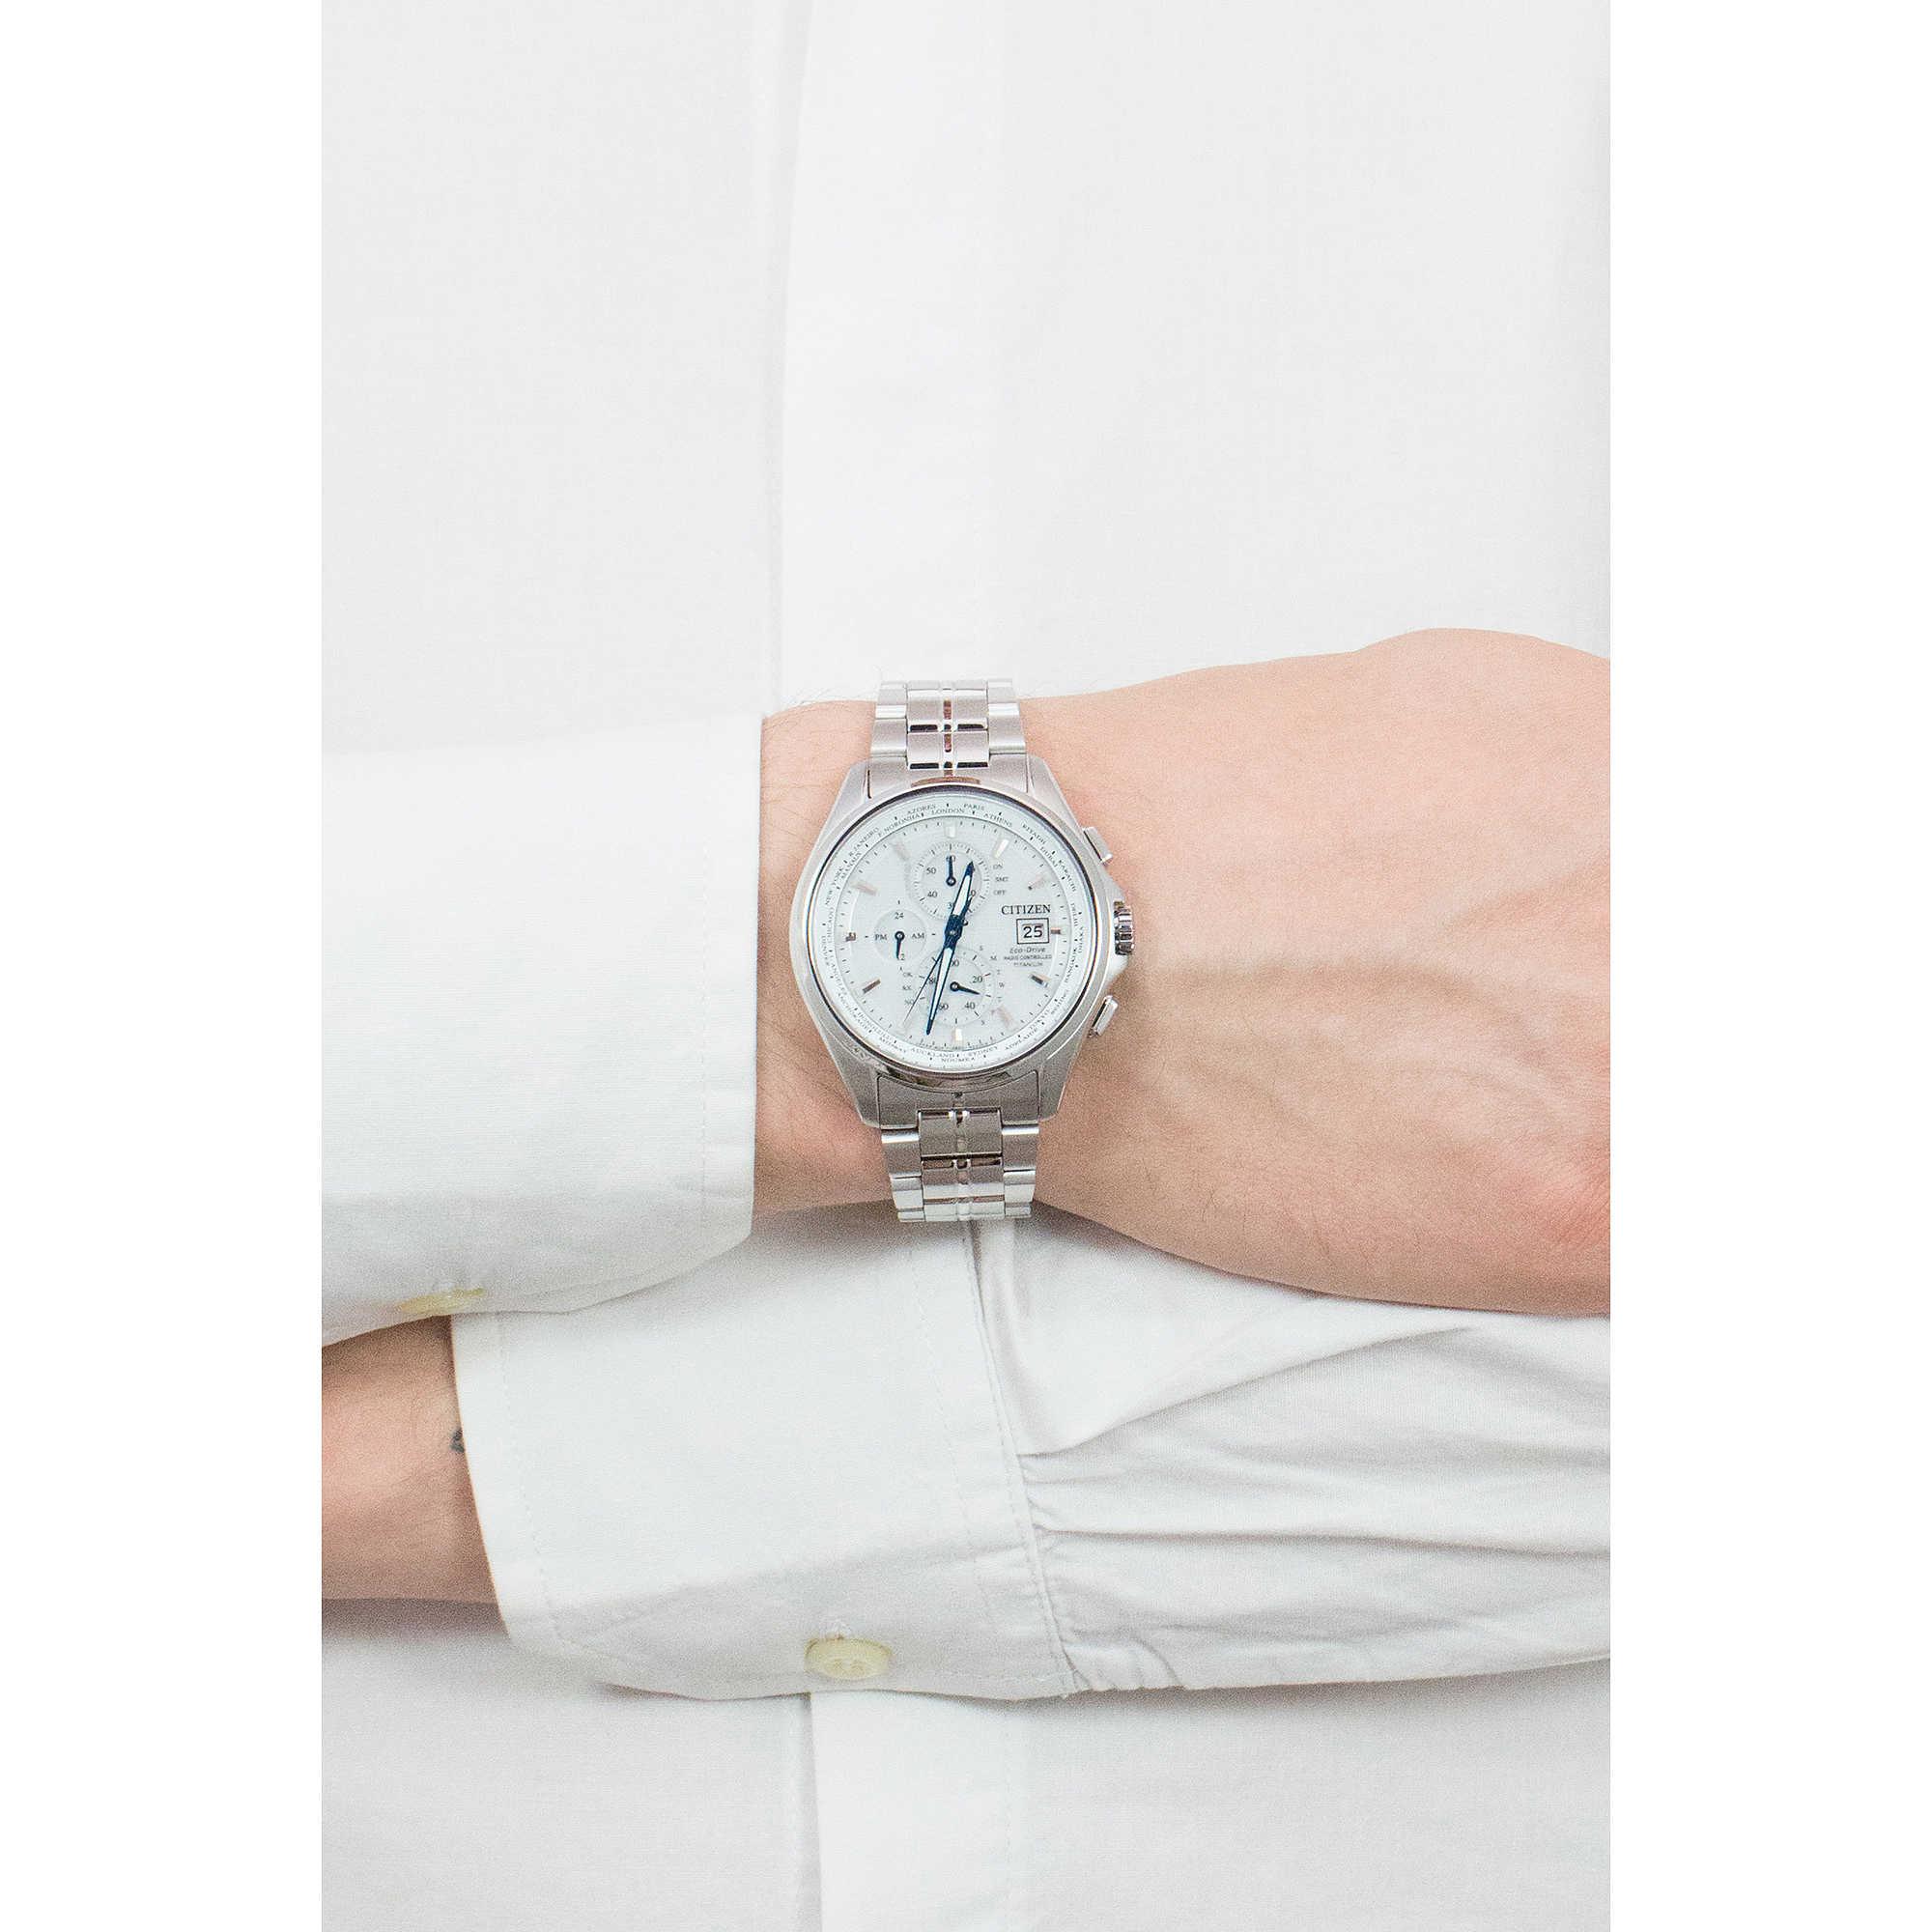 22fd3a1653f watch chronograph man Citizen H800 Sport AT8130-56A chronographs Citizen